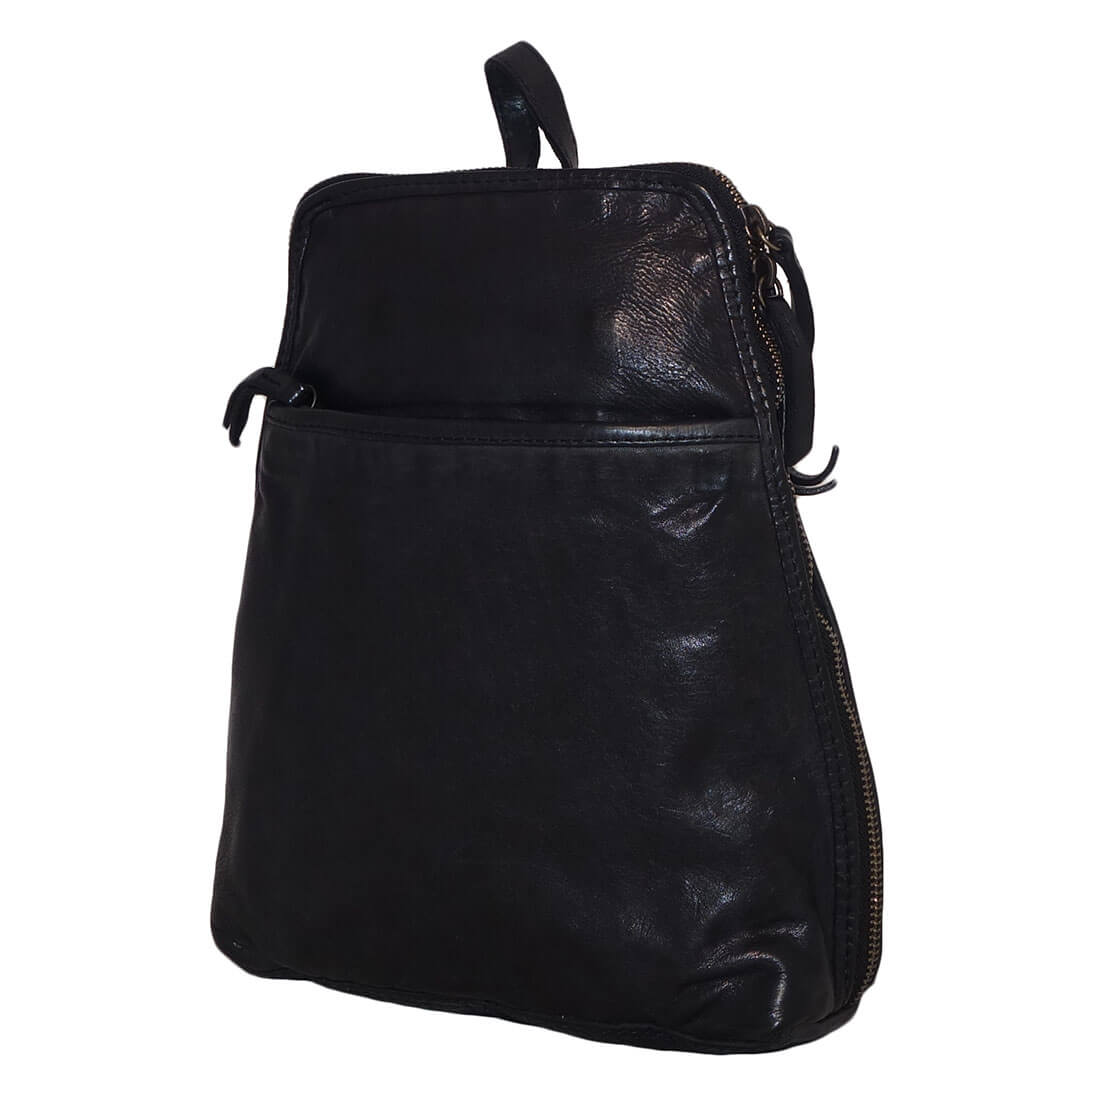 03c03099a3a Bear Design Rugzak Zwart online kopen